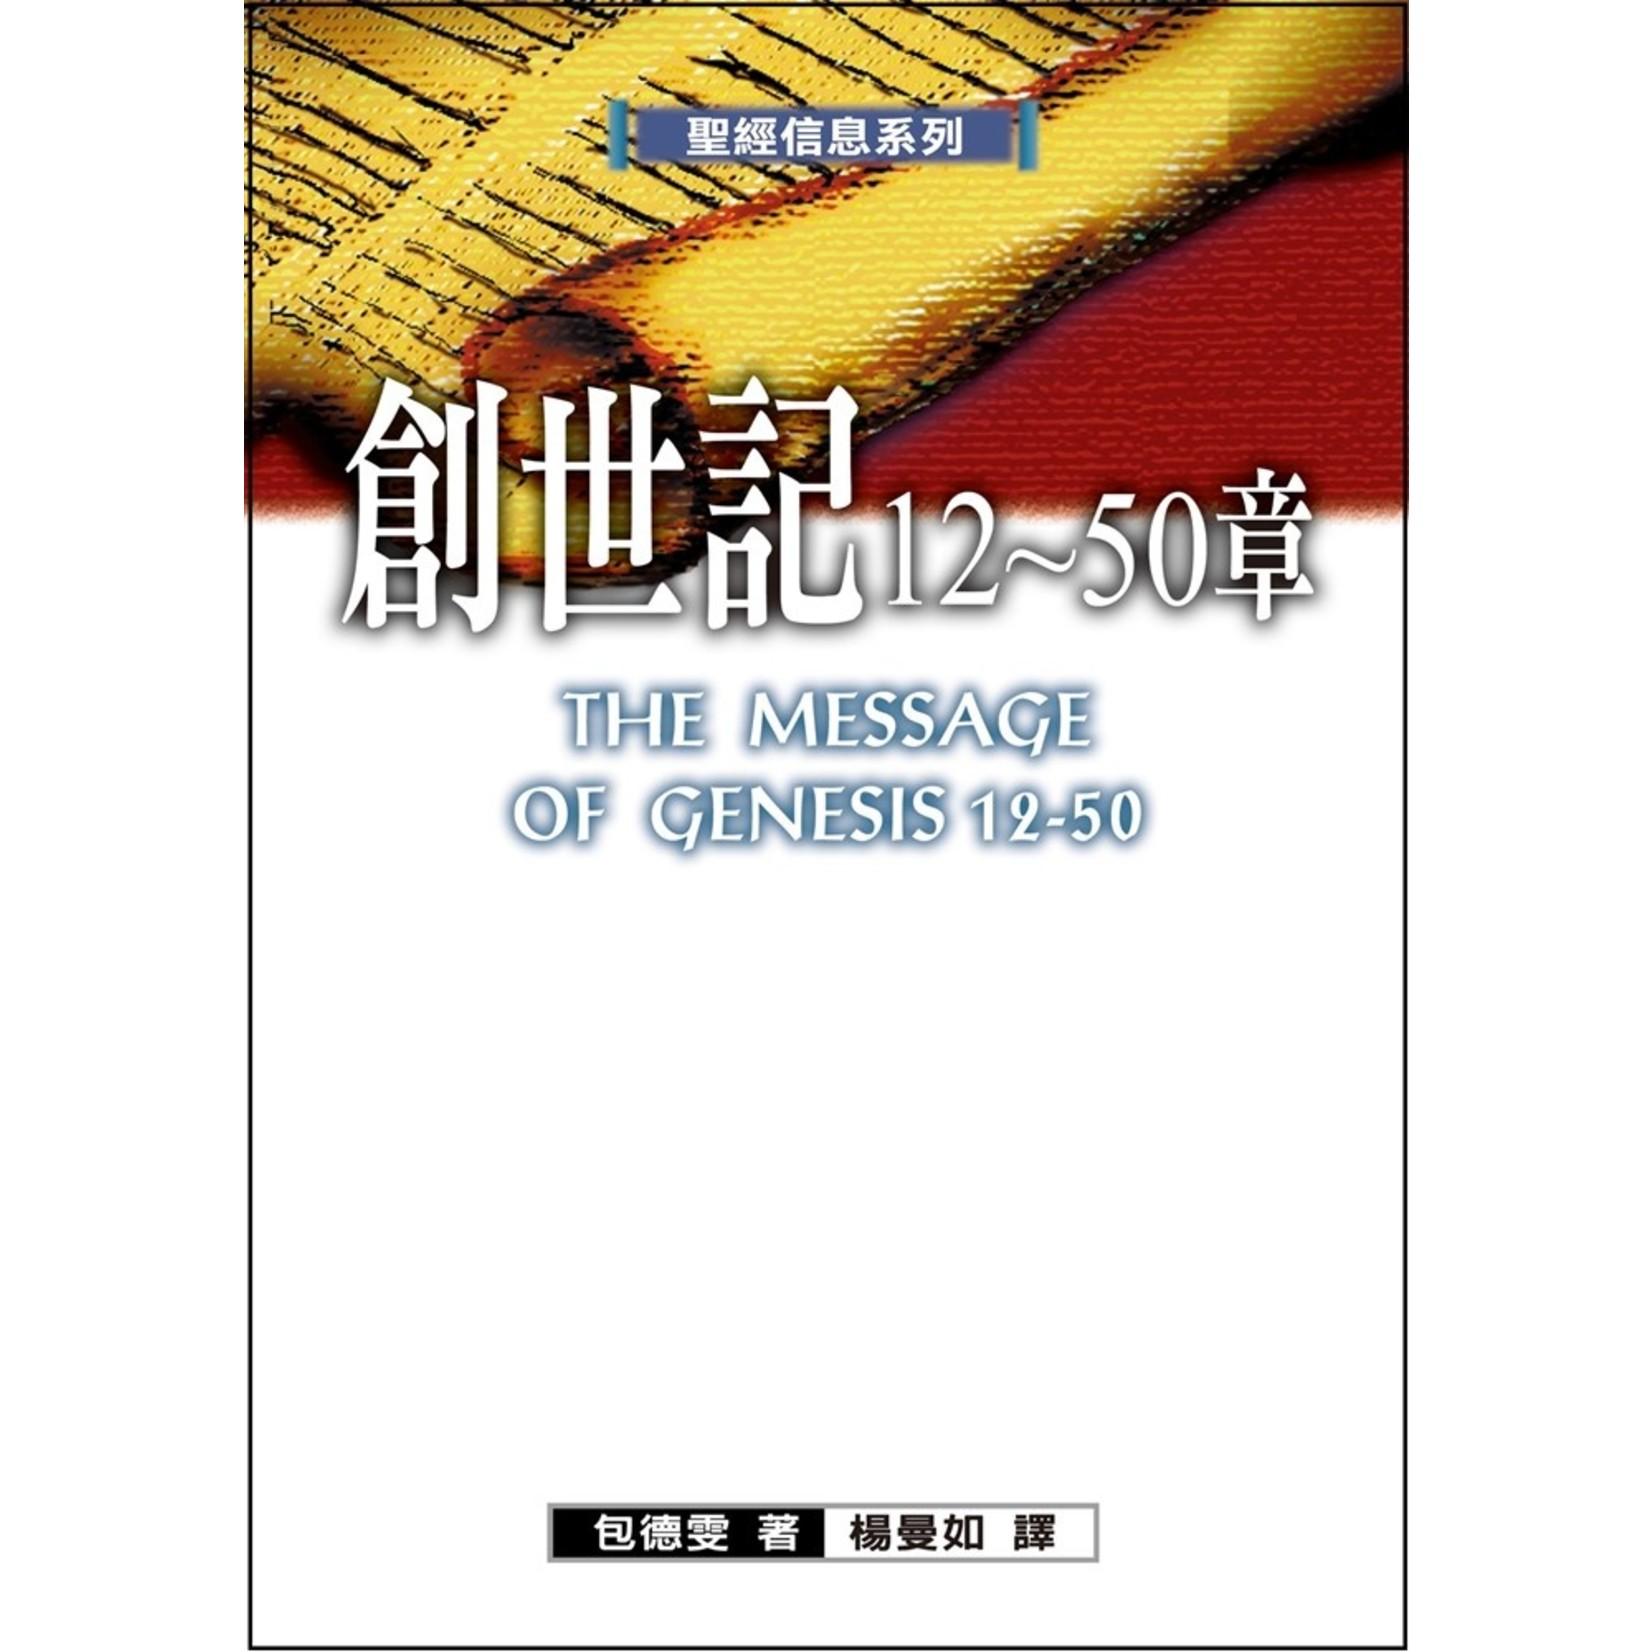 校園書房 Campus Books 聖經信息系列:創世紀12~50章 The Message of Genesis 12-50 : from Abraham to Joseph